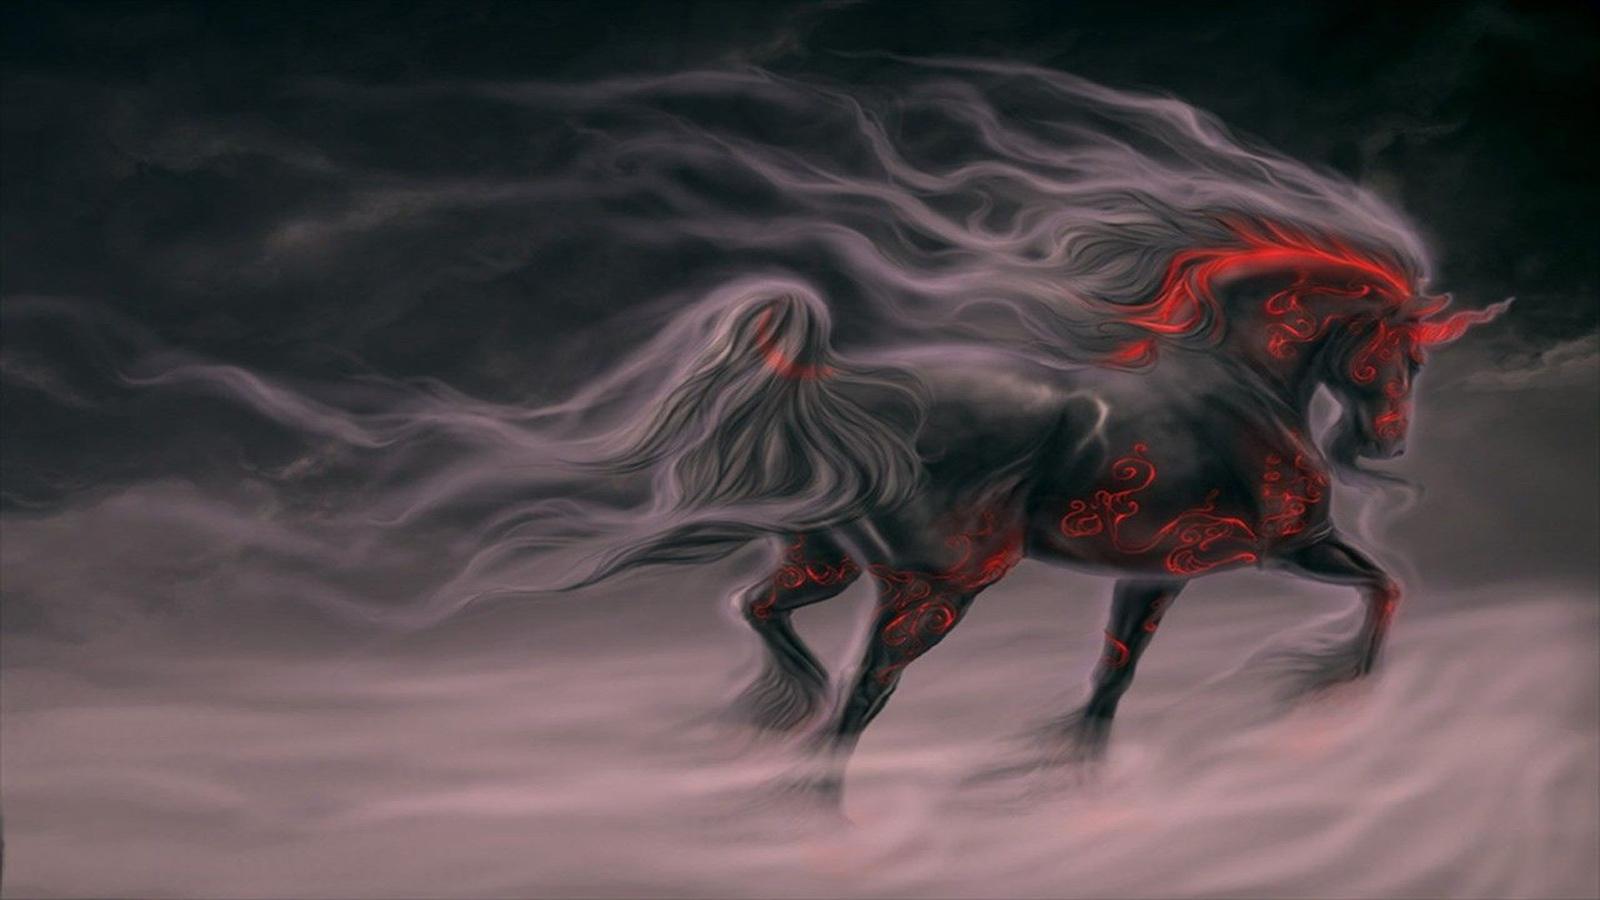 wallpaper de un caballo tatuado